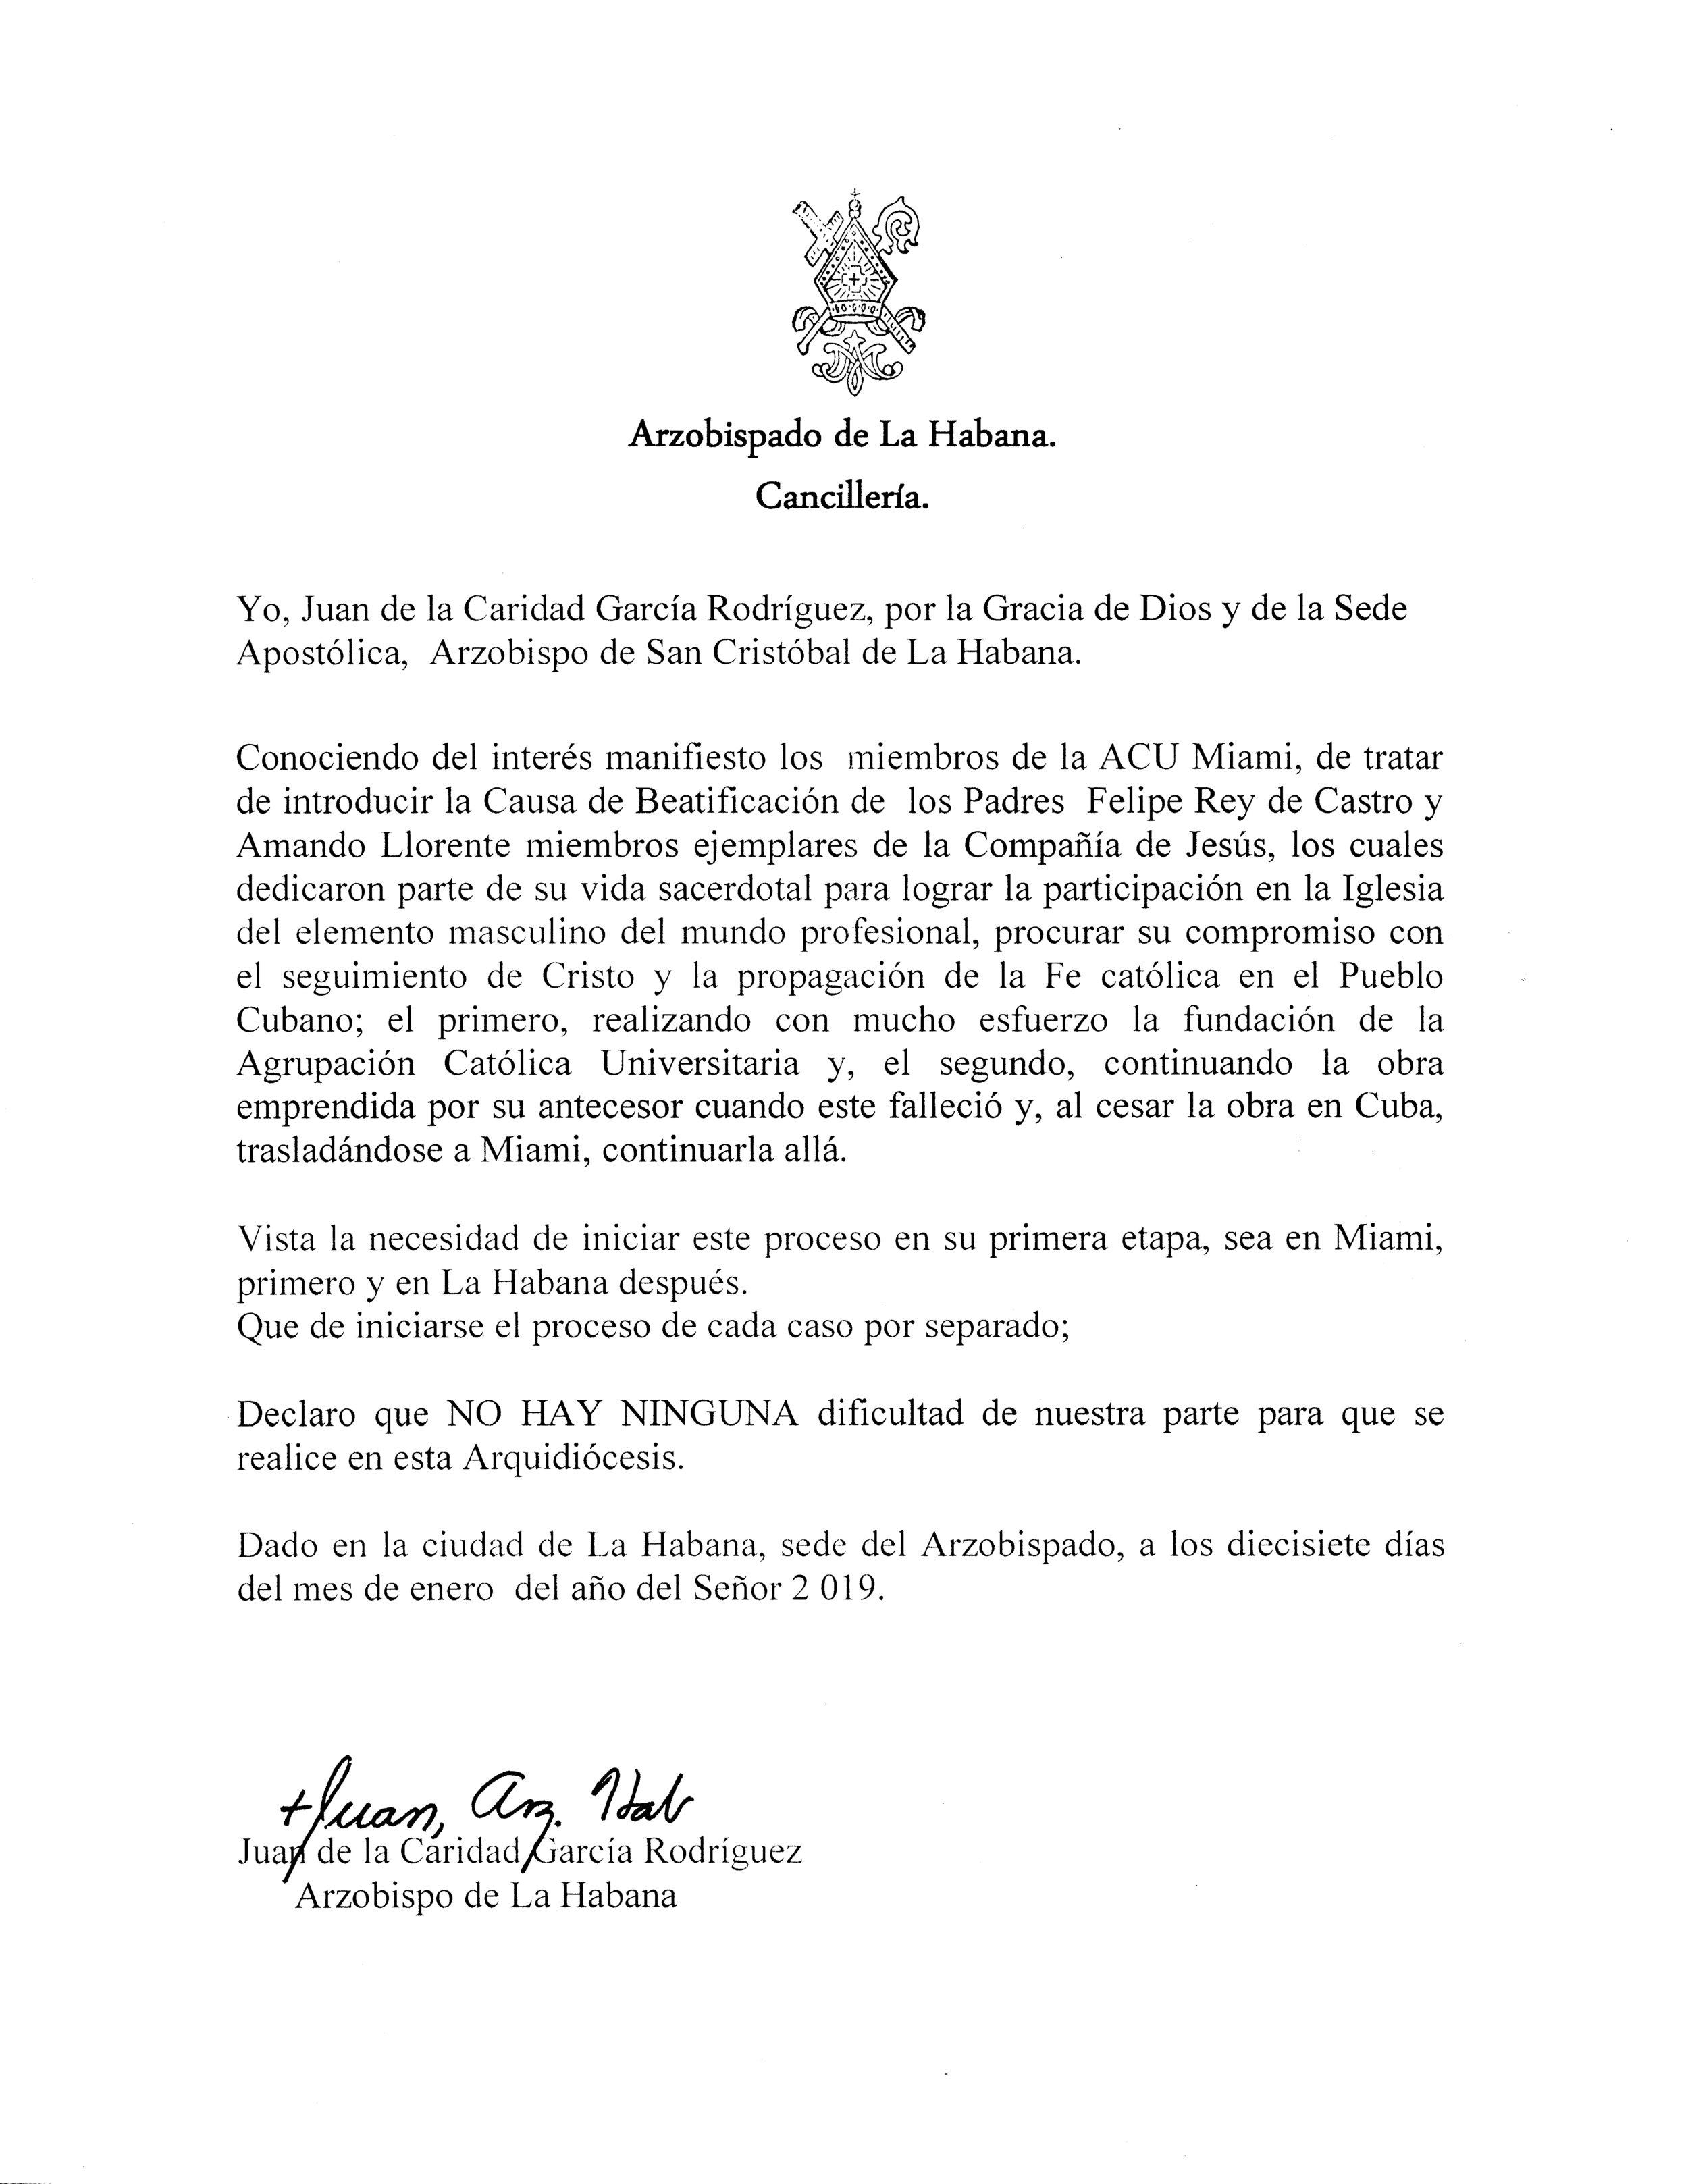 Carta del Arzpbispo de La Habana sobre la iniciativa de la ACU